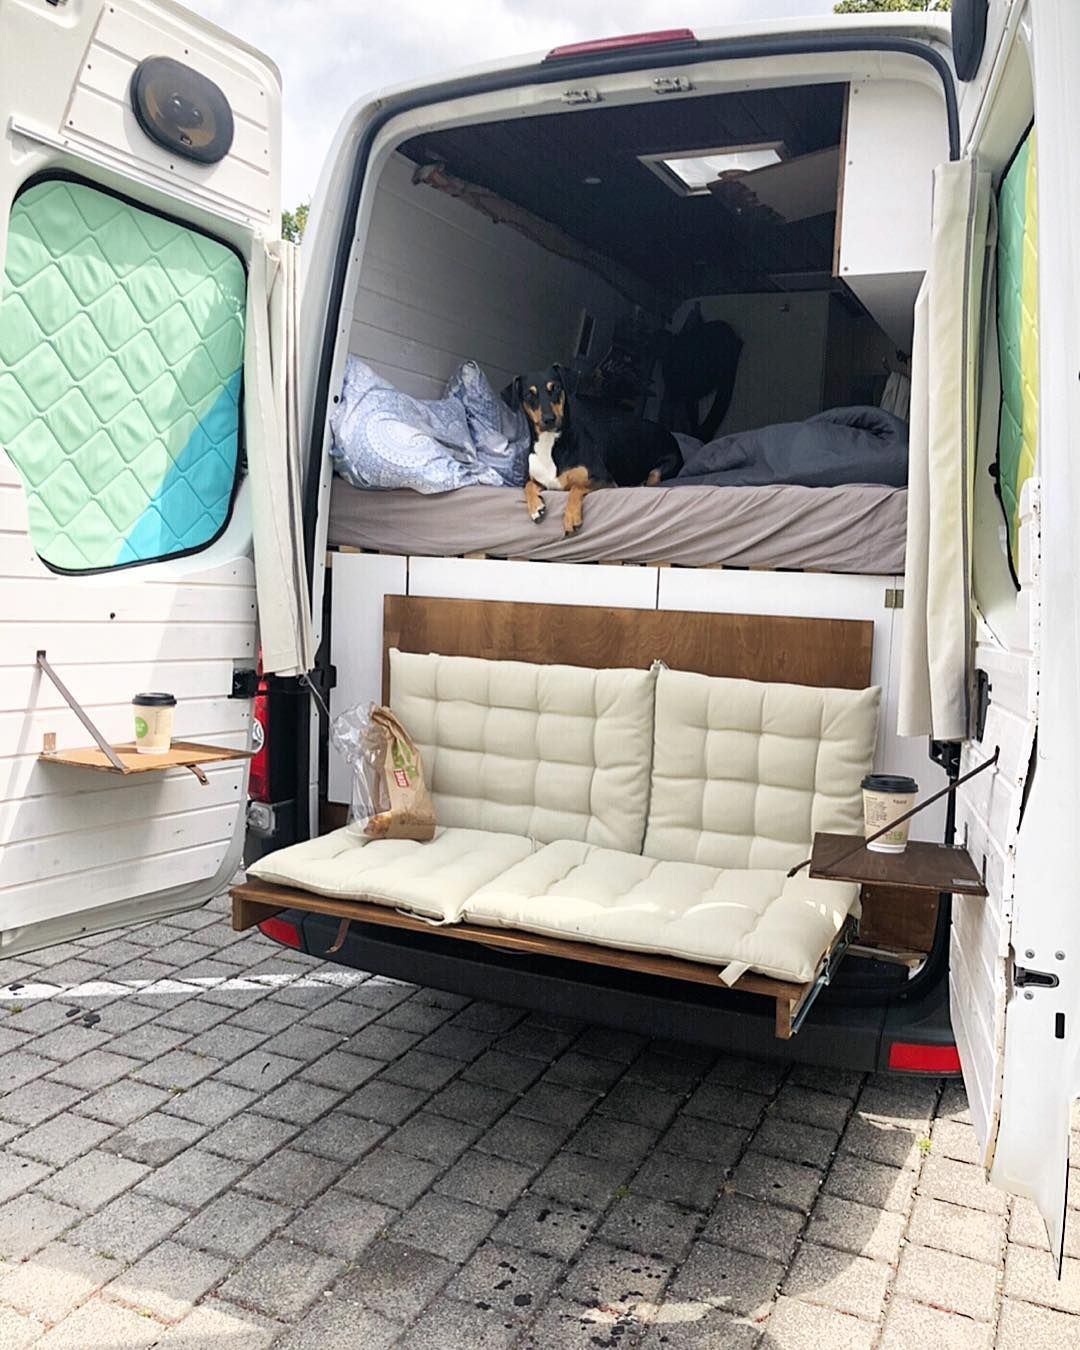 gef llt 2 462 mal 51 kommentare dominik julez paul und bernd freundship auf instagram. Black Bedroom Furniture Sets. Home Design Ideas